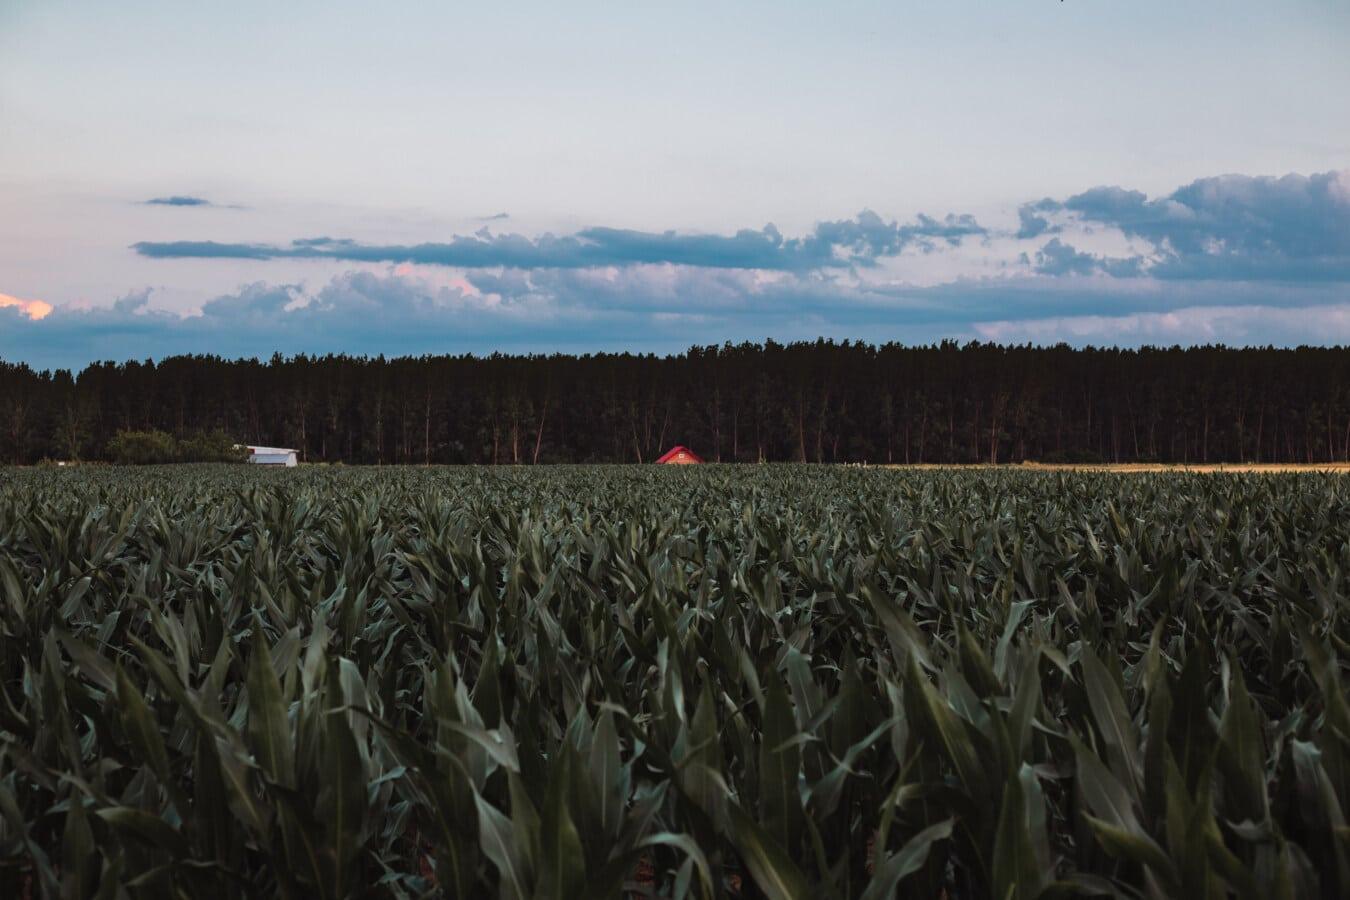 cornfield, Ngô, sản xuất, nông nghiệp, nông nghiệp, Trang trại, Trang trại, đất nông nghiệp, nông thôn, cảnh quan